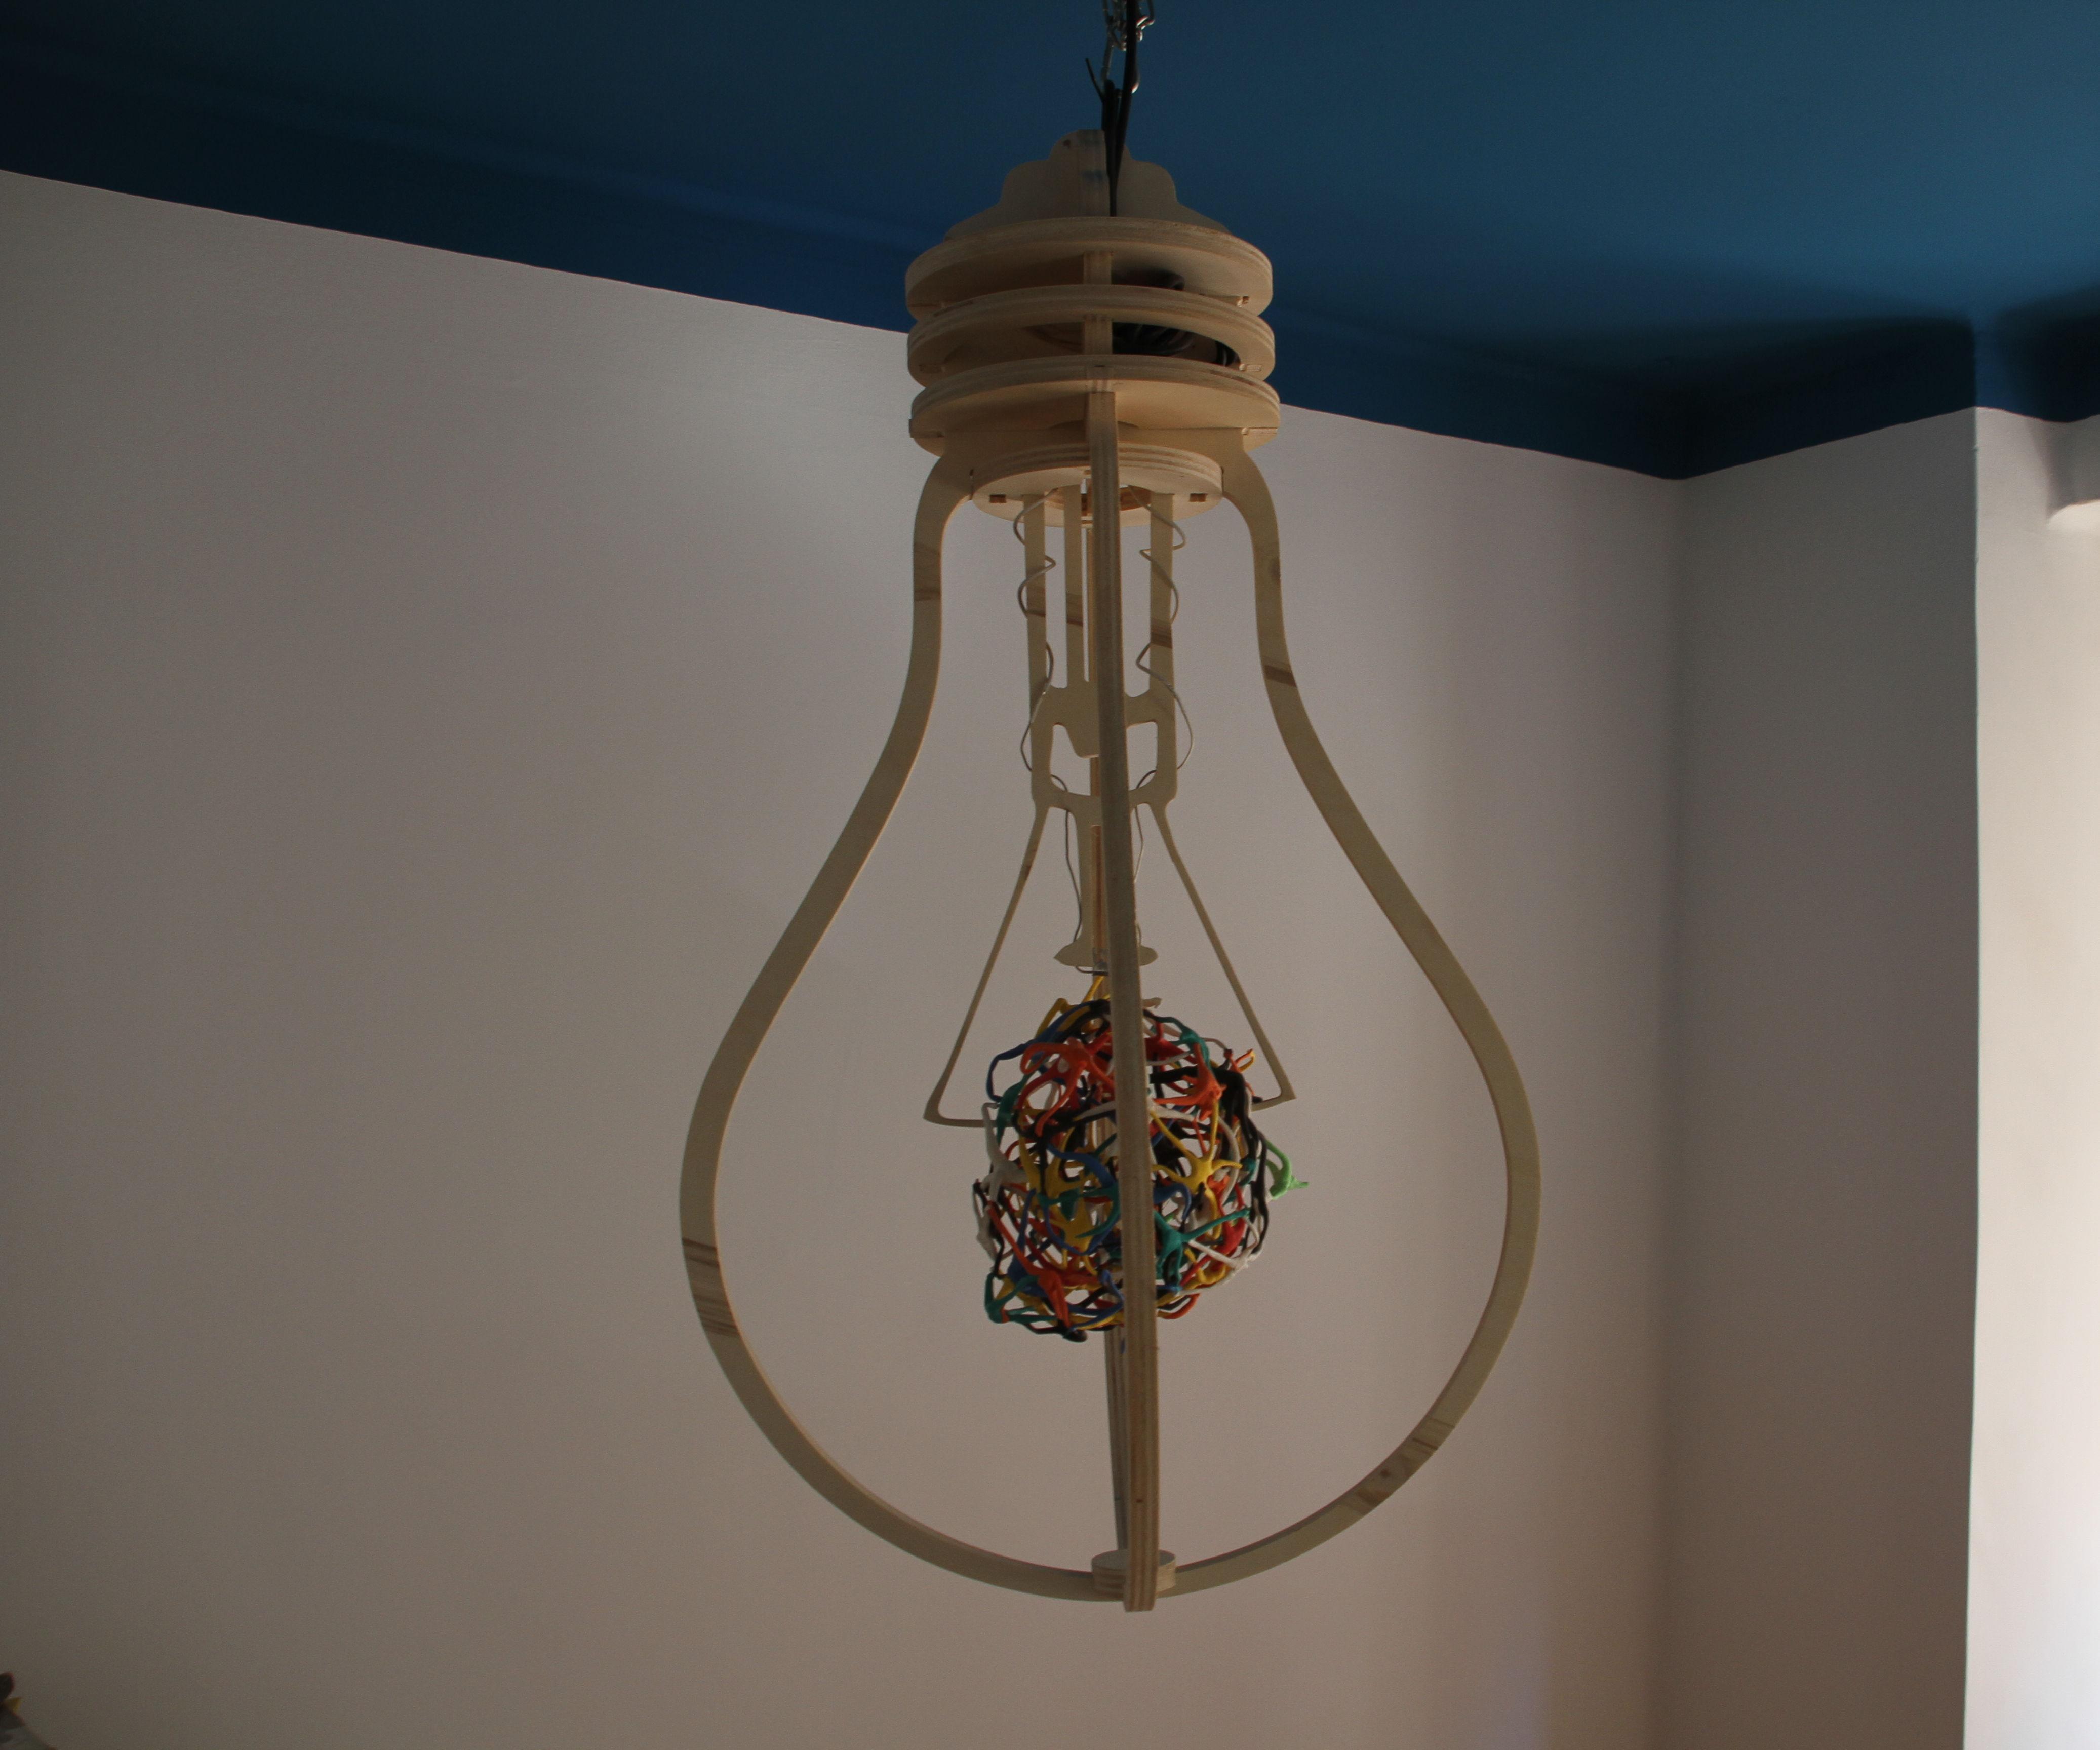 Wood bulb